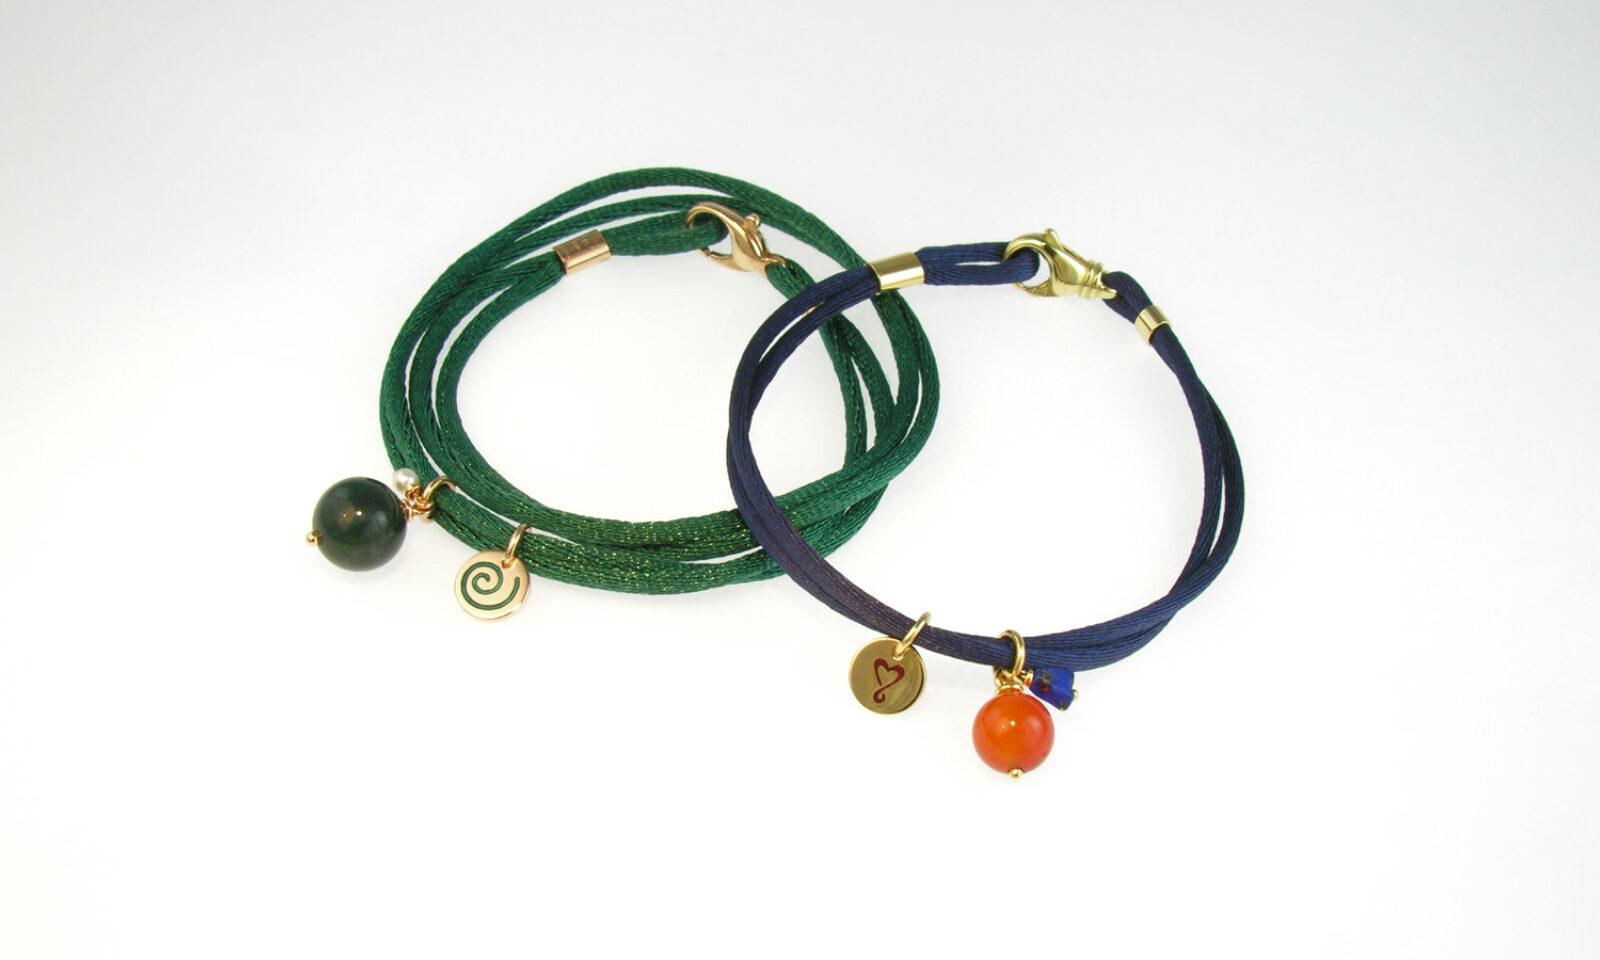 Bracelet Gold Karneol. Bracelet Textil und Gelb- und Rotgold 750, mit diversen Anhängern aus Achat, Lapislazuli, Perle, Keramik, je CHF 905.- / in diversen Farben mit individuellen Anhängern lieferbar